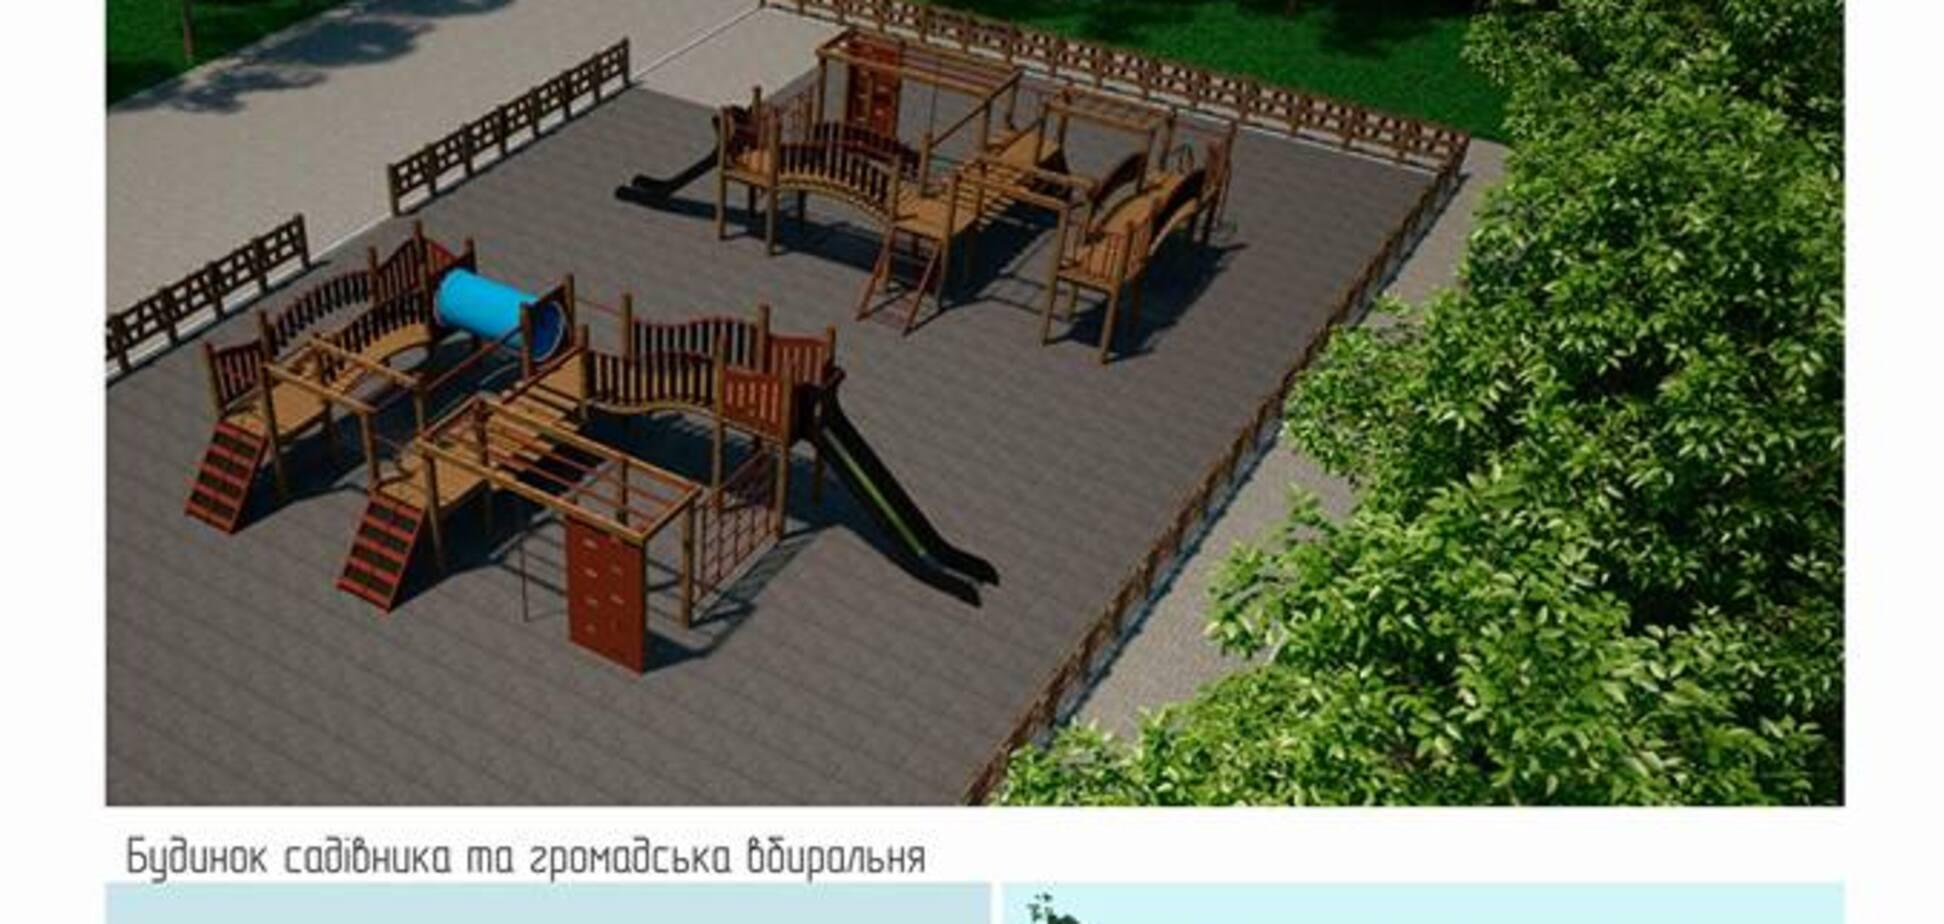 Будинок садівника і workout-майданчики: як зміниться парк 'Перемога'